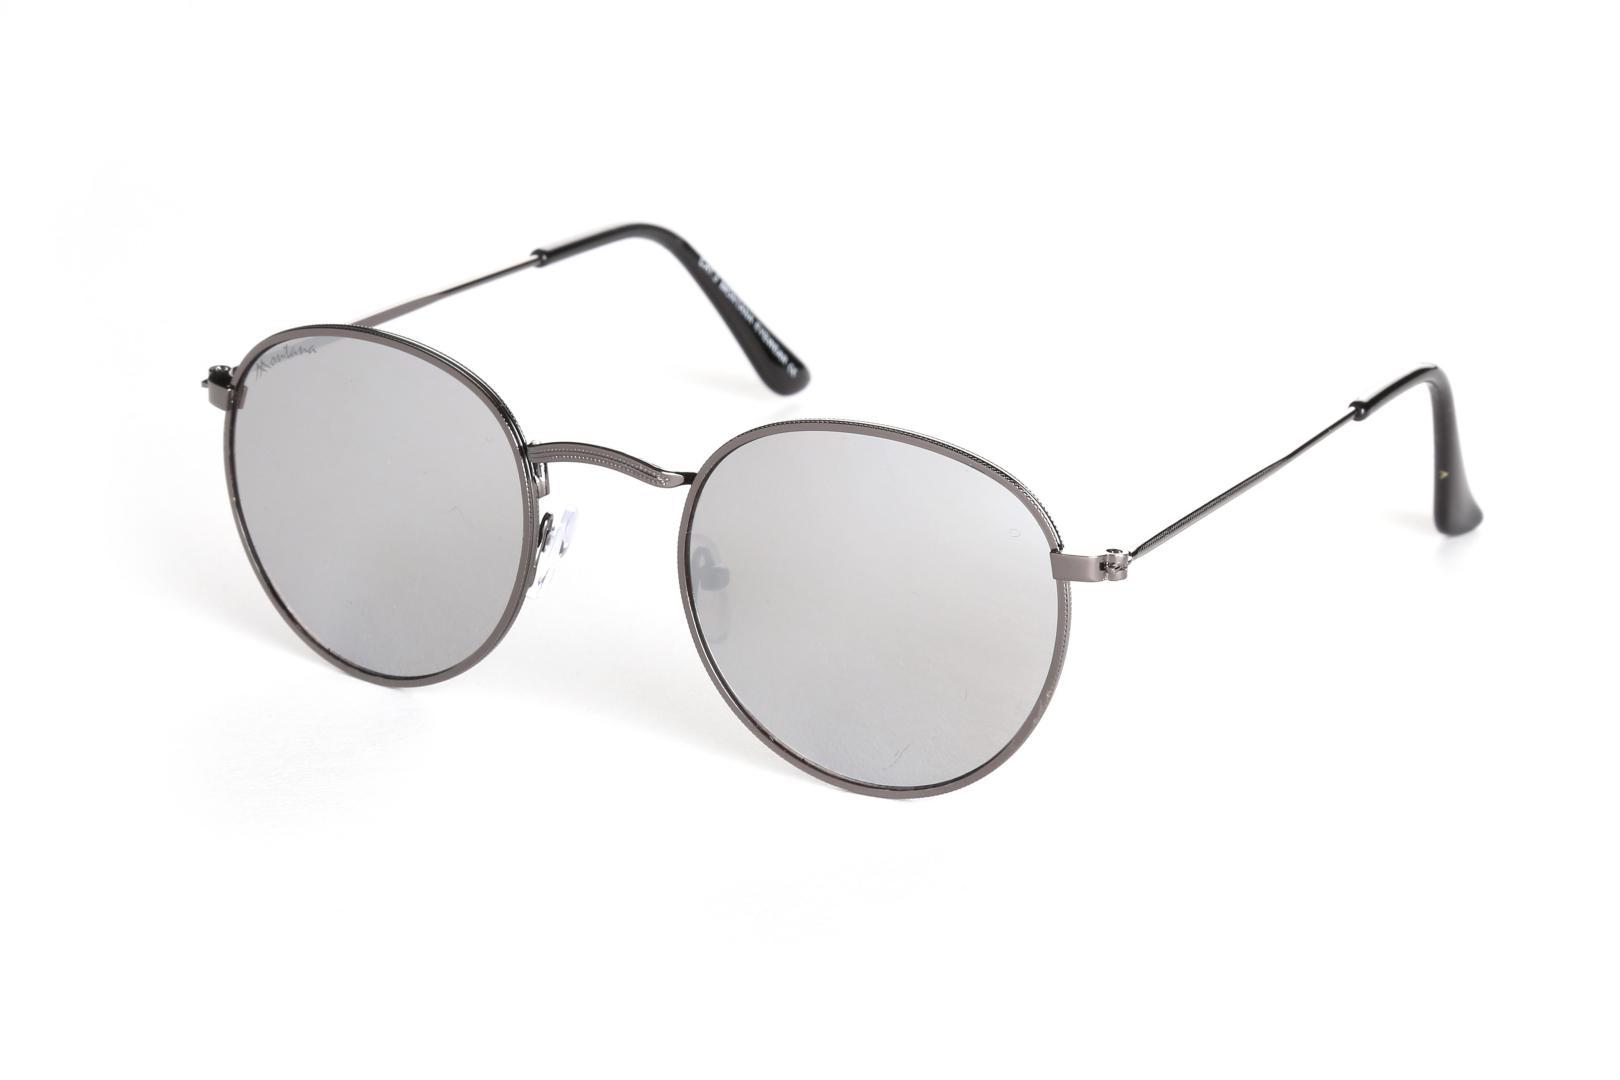 Montana Eyewear MS20-Braun M64G1Qf